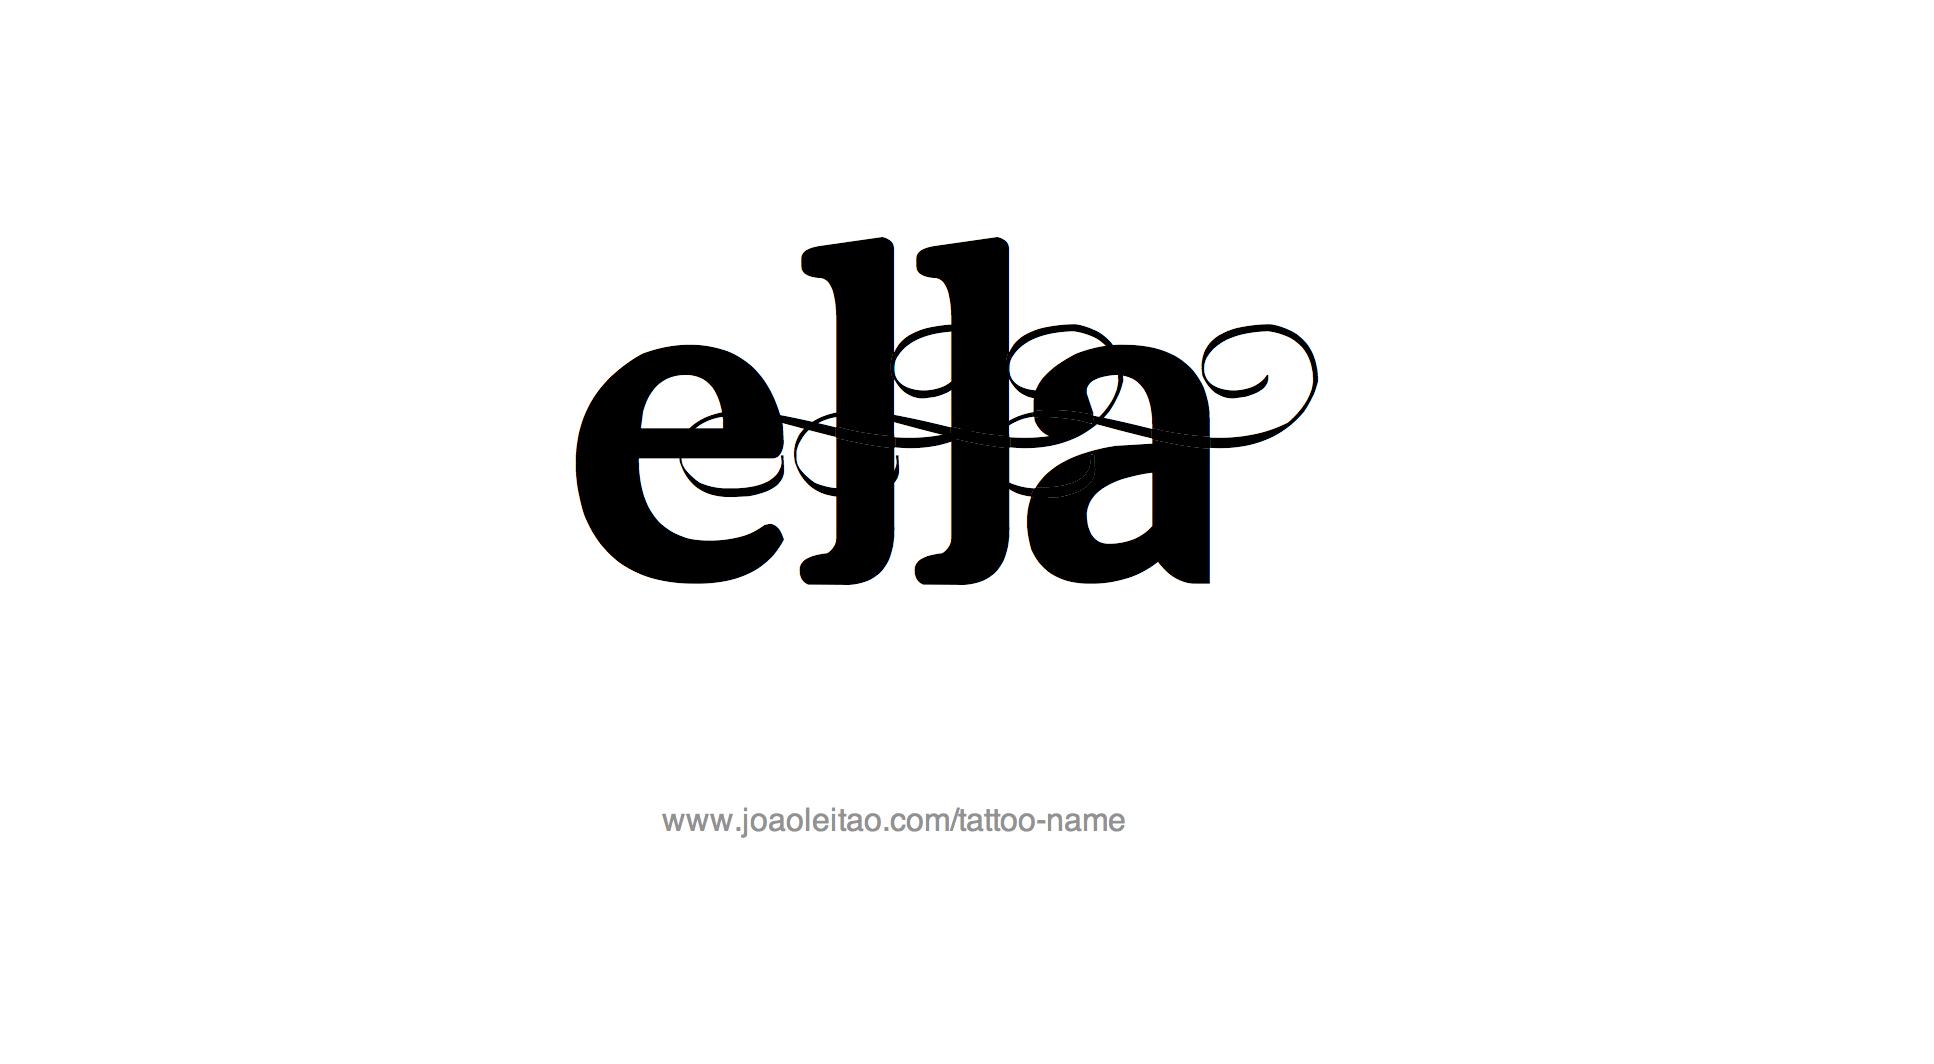 образ картинки с именем элла на английском публикациям